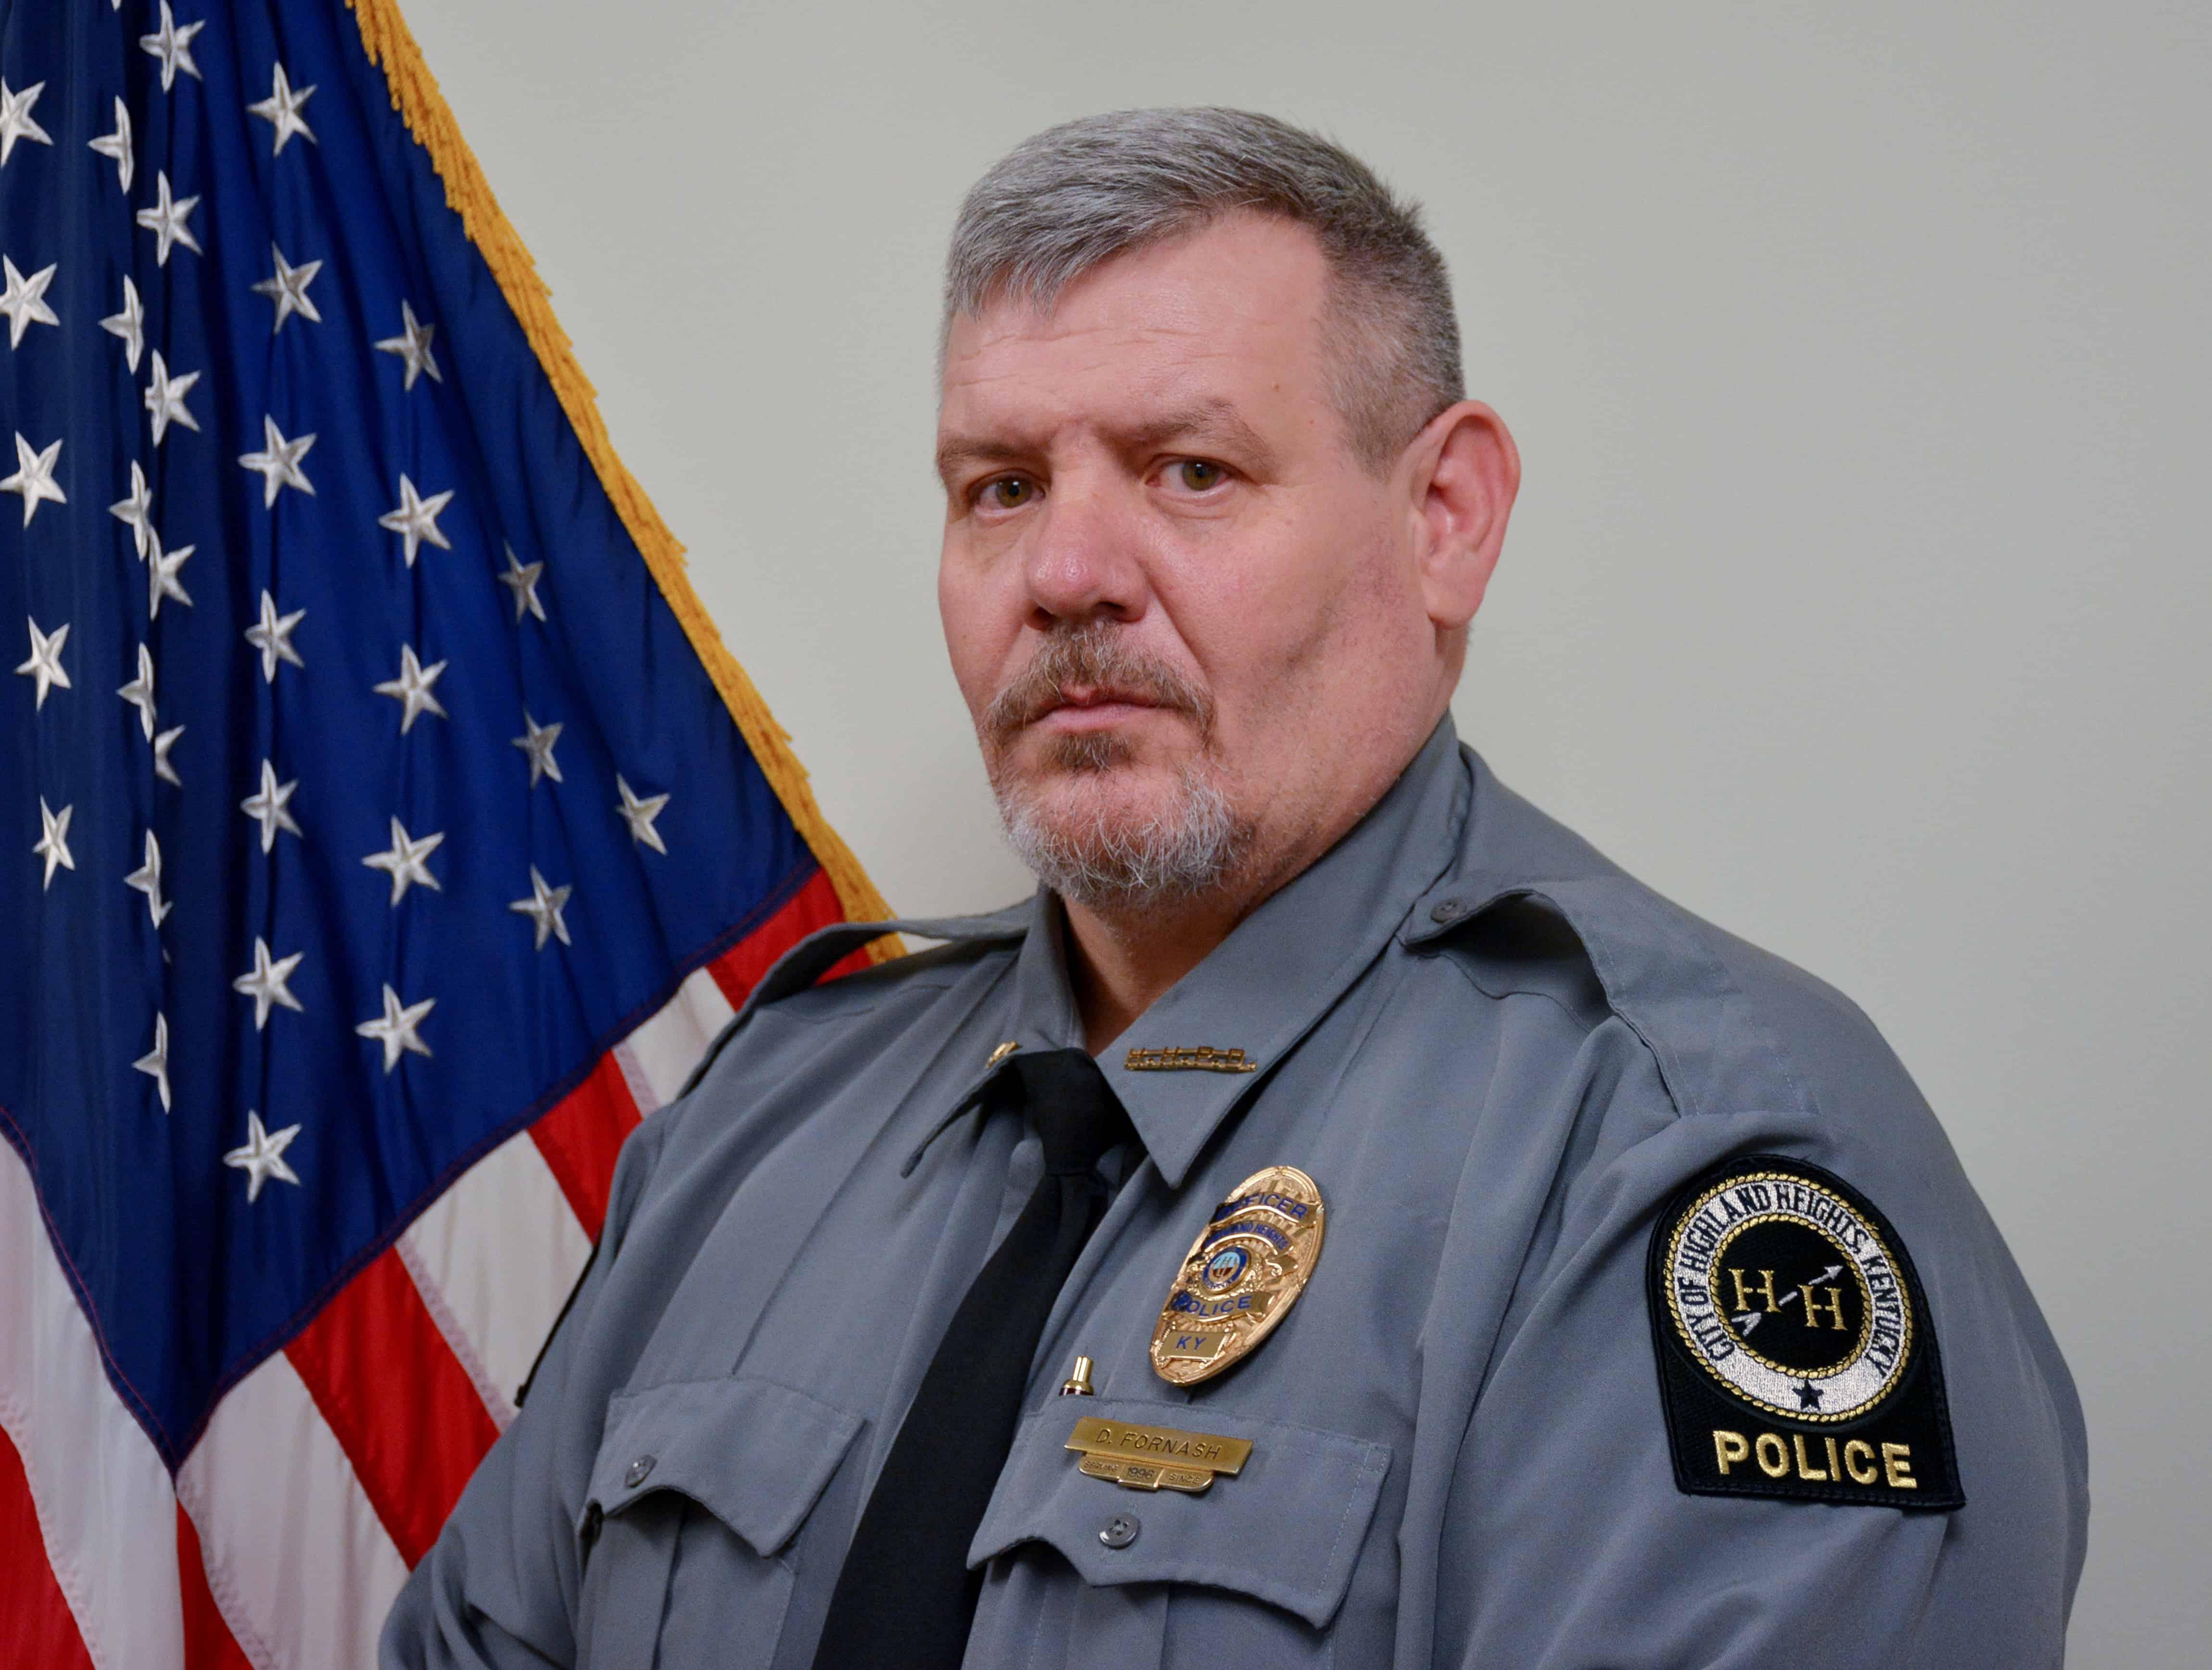 Officer David Fornash